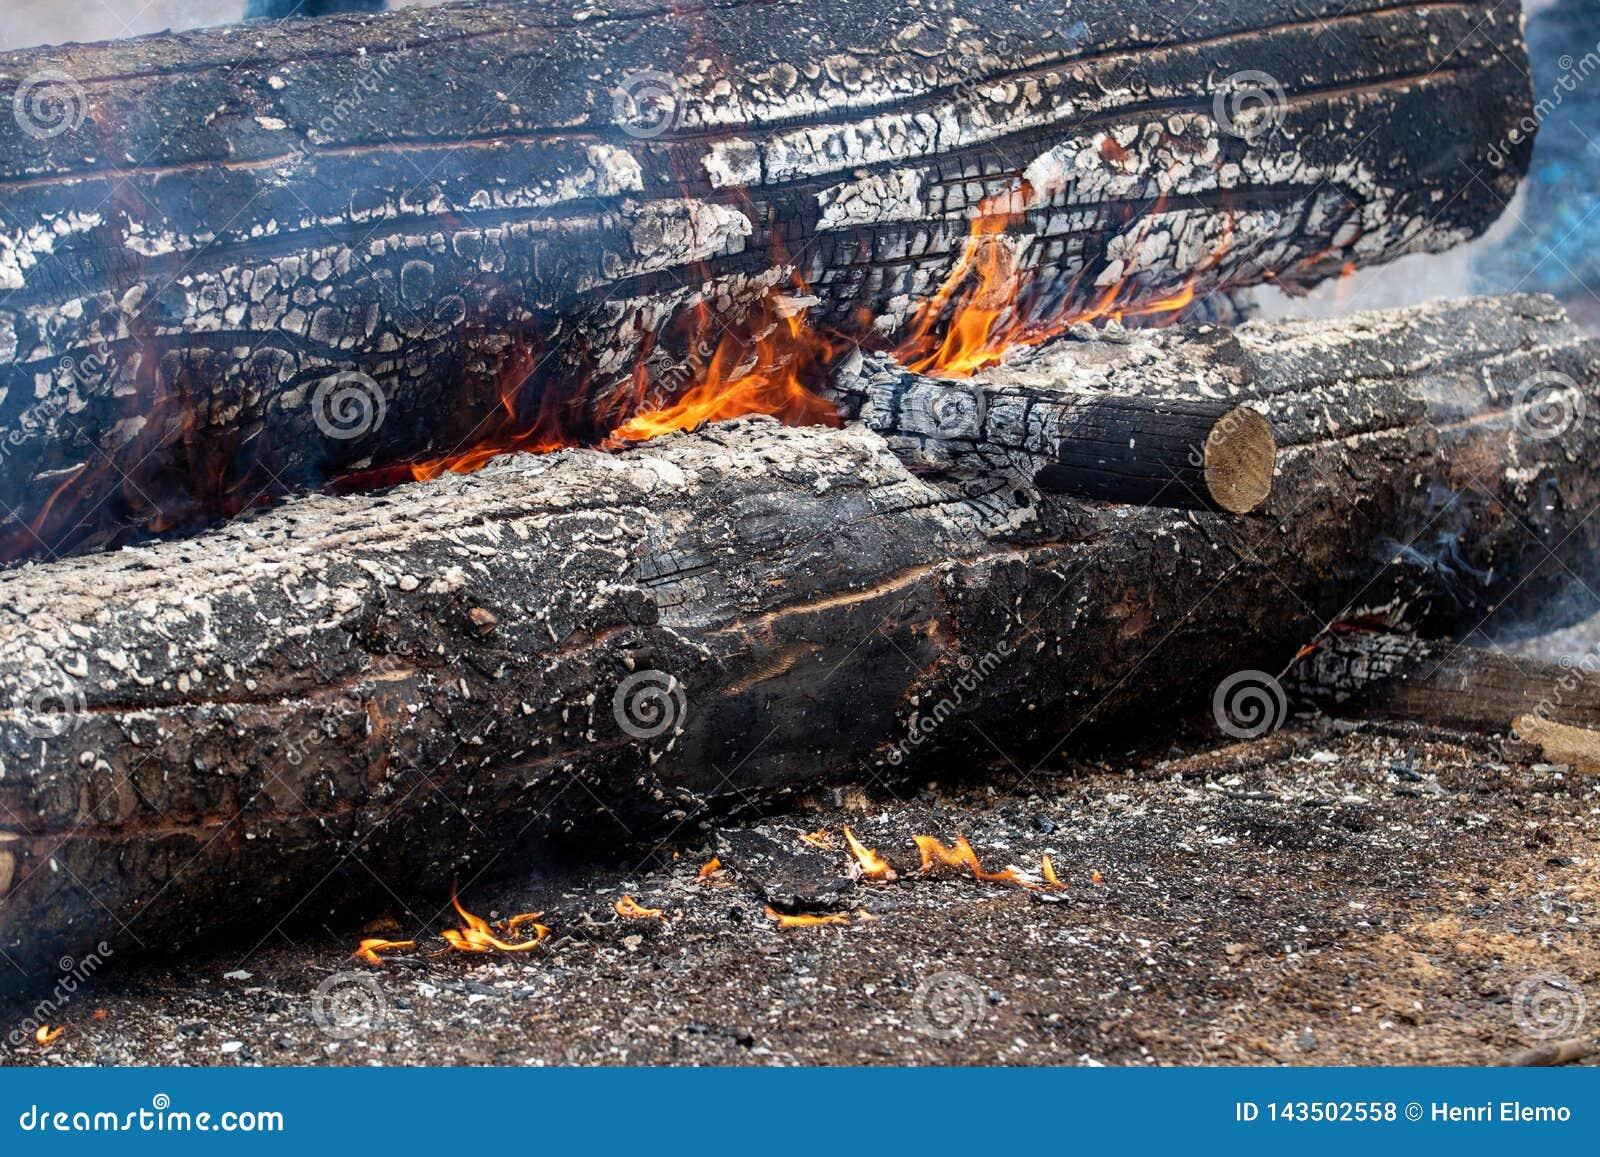 Helsinki, Finlande - 1er avril 2018 : Rondin brûlant à la ferme de Haltiala le jour de famille pour griller des saucisses